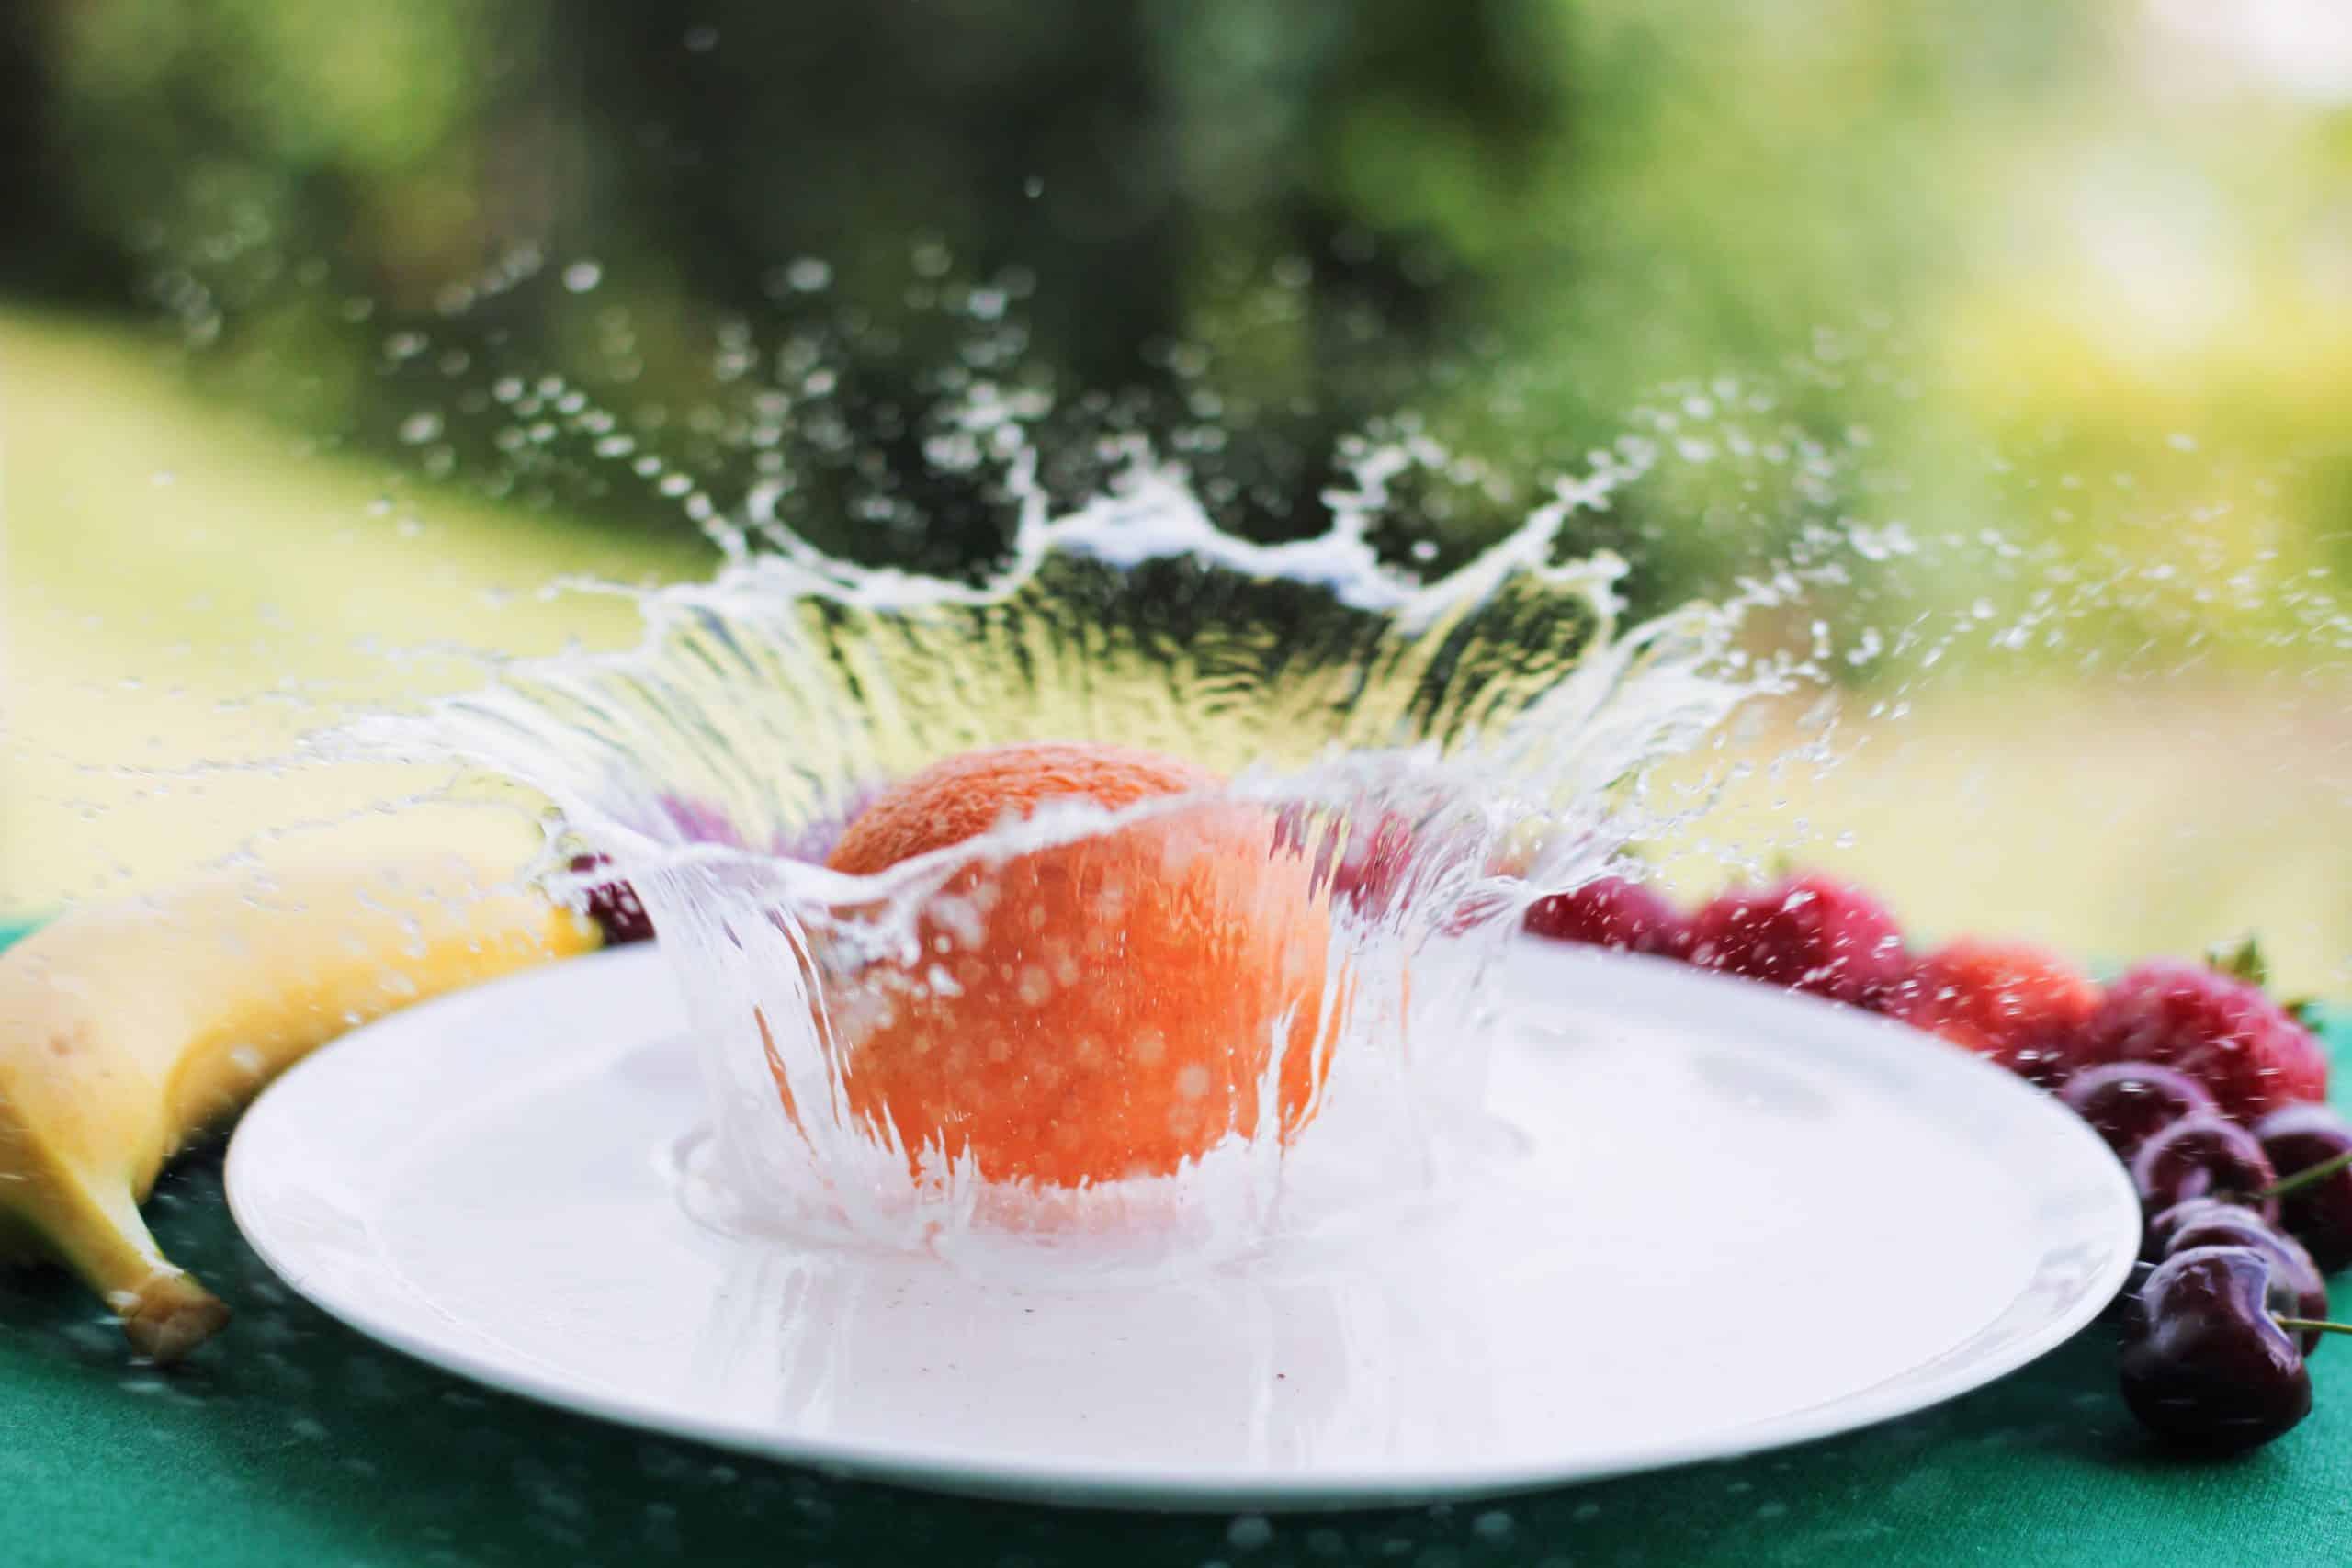 Orange splashing in water